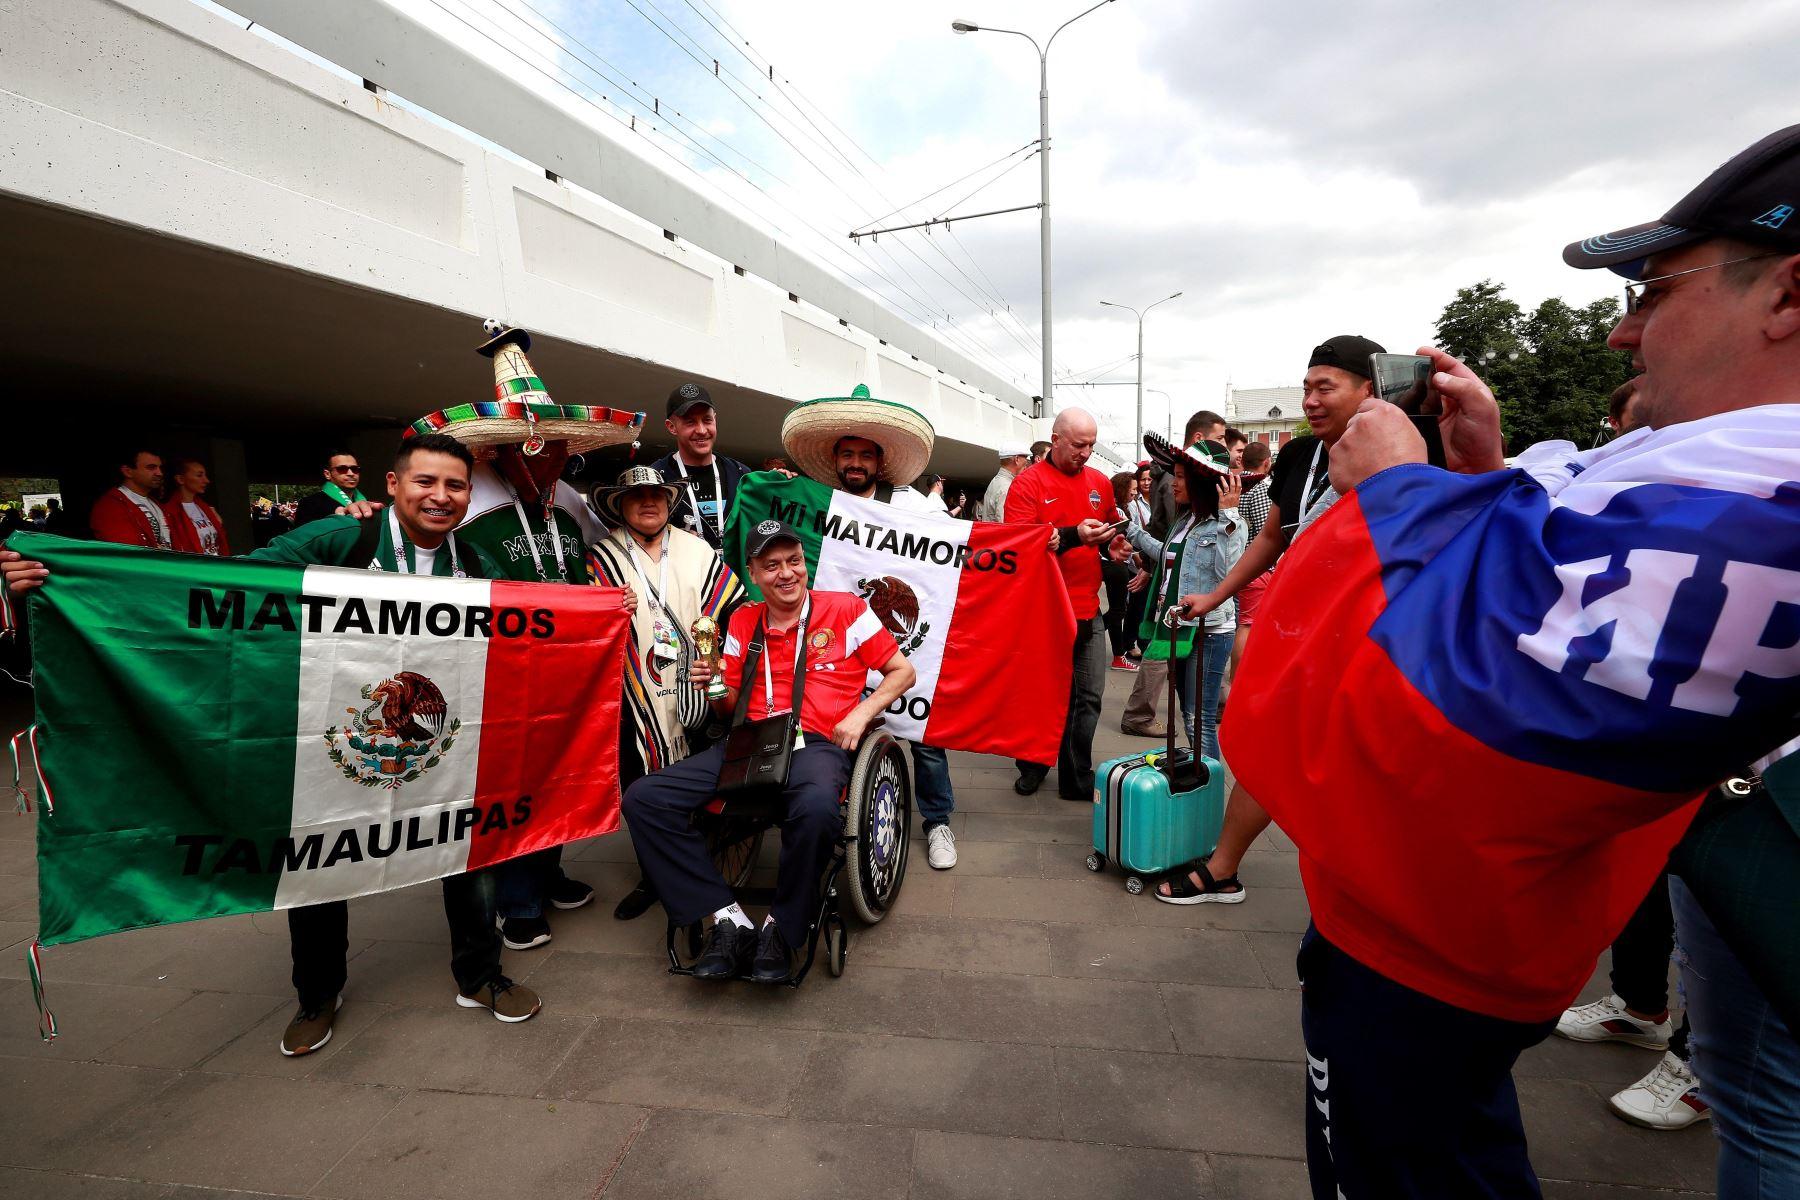 Aficionados mexicanos esperan en los alrededores del estadio el inicio del partido inaugural del Mundial de Rusia 2018 entre las selecciones de Rusia y Arabia SaudÌ, en el Estadio Luzhniki de Moscú. Foto: EFE